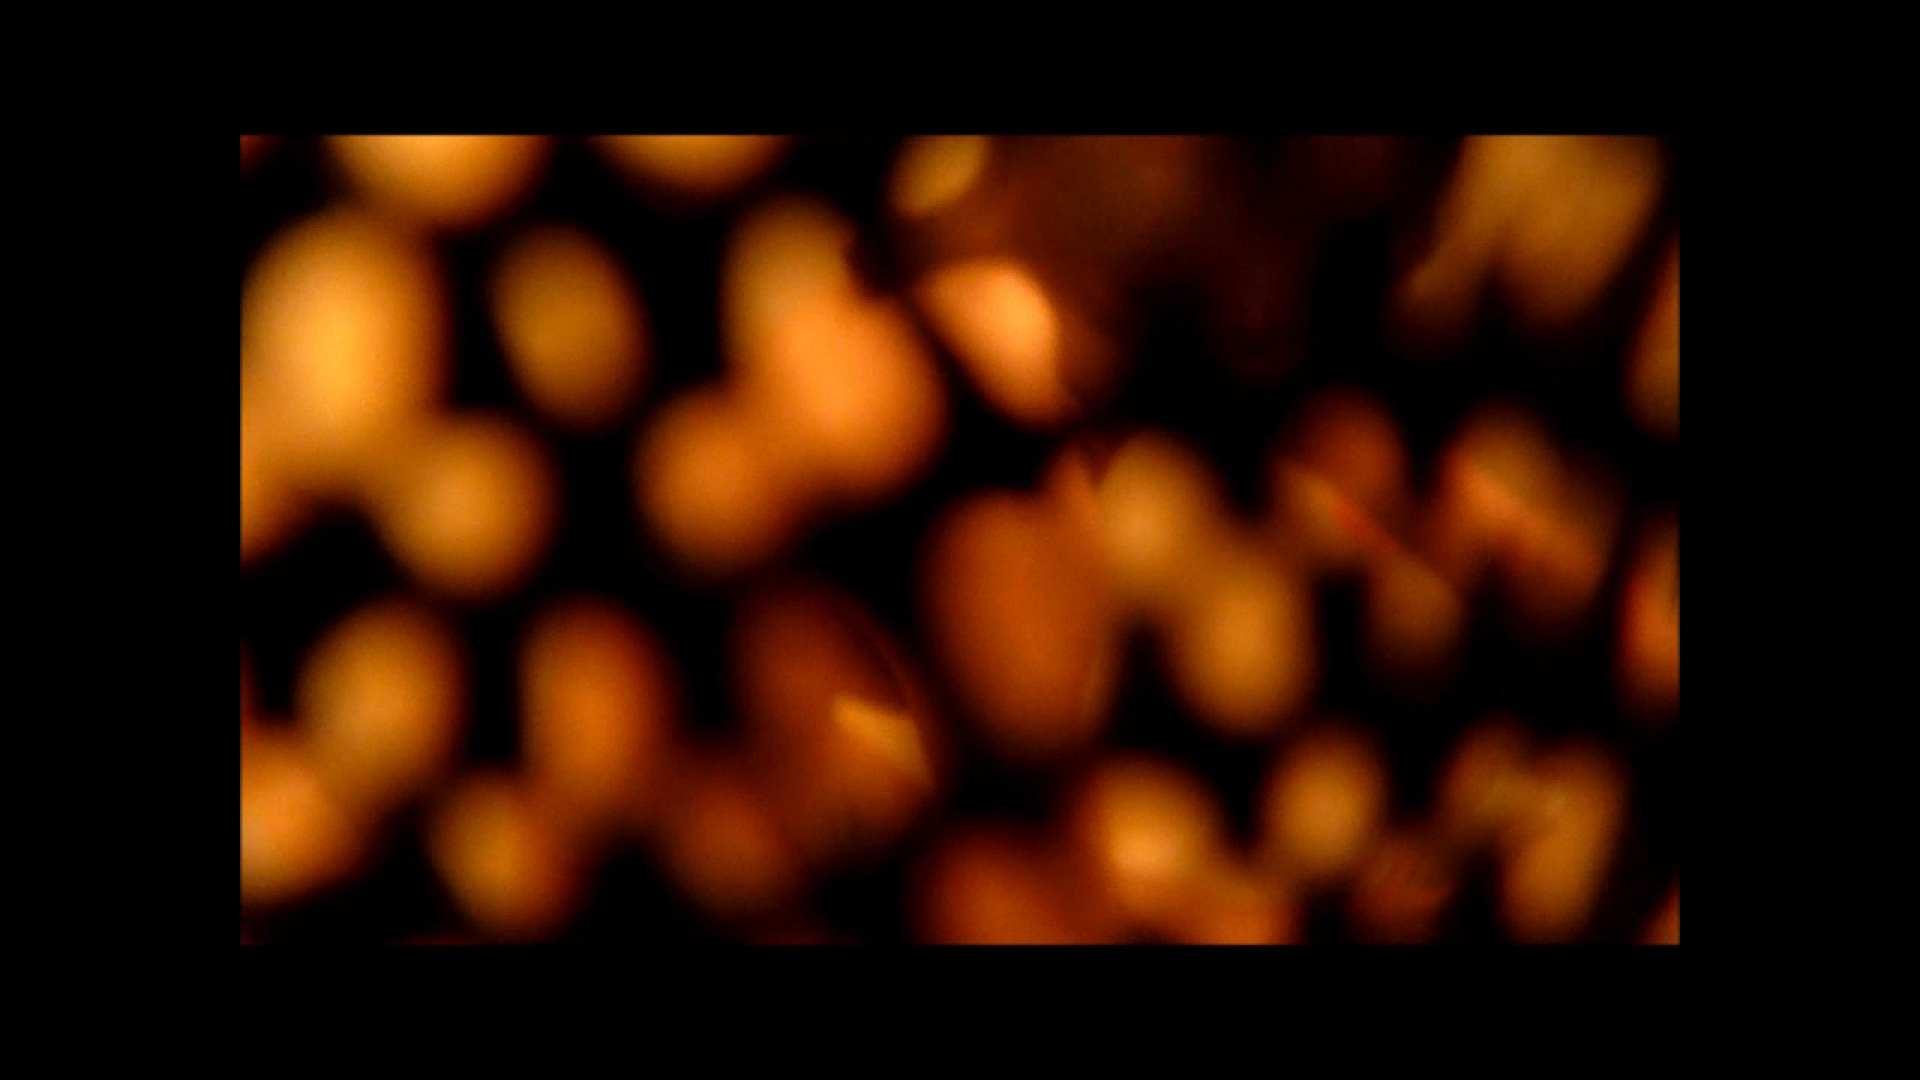 【02】ベランダに侵入して張り込みを始めて・・・やっと結果が出ました。 モロだしオマンコ   盗撮師作品  79pic 31